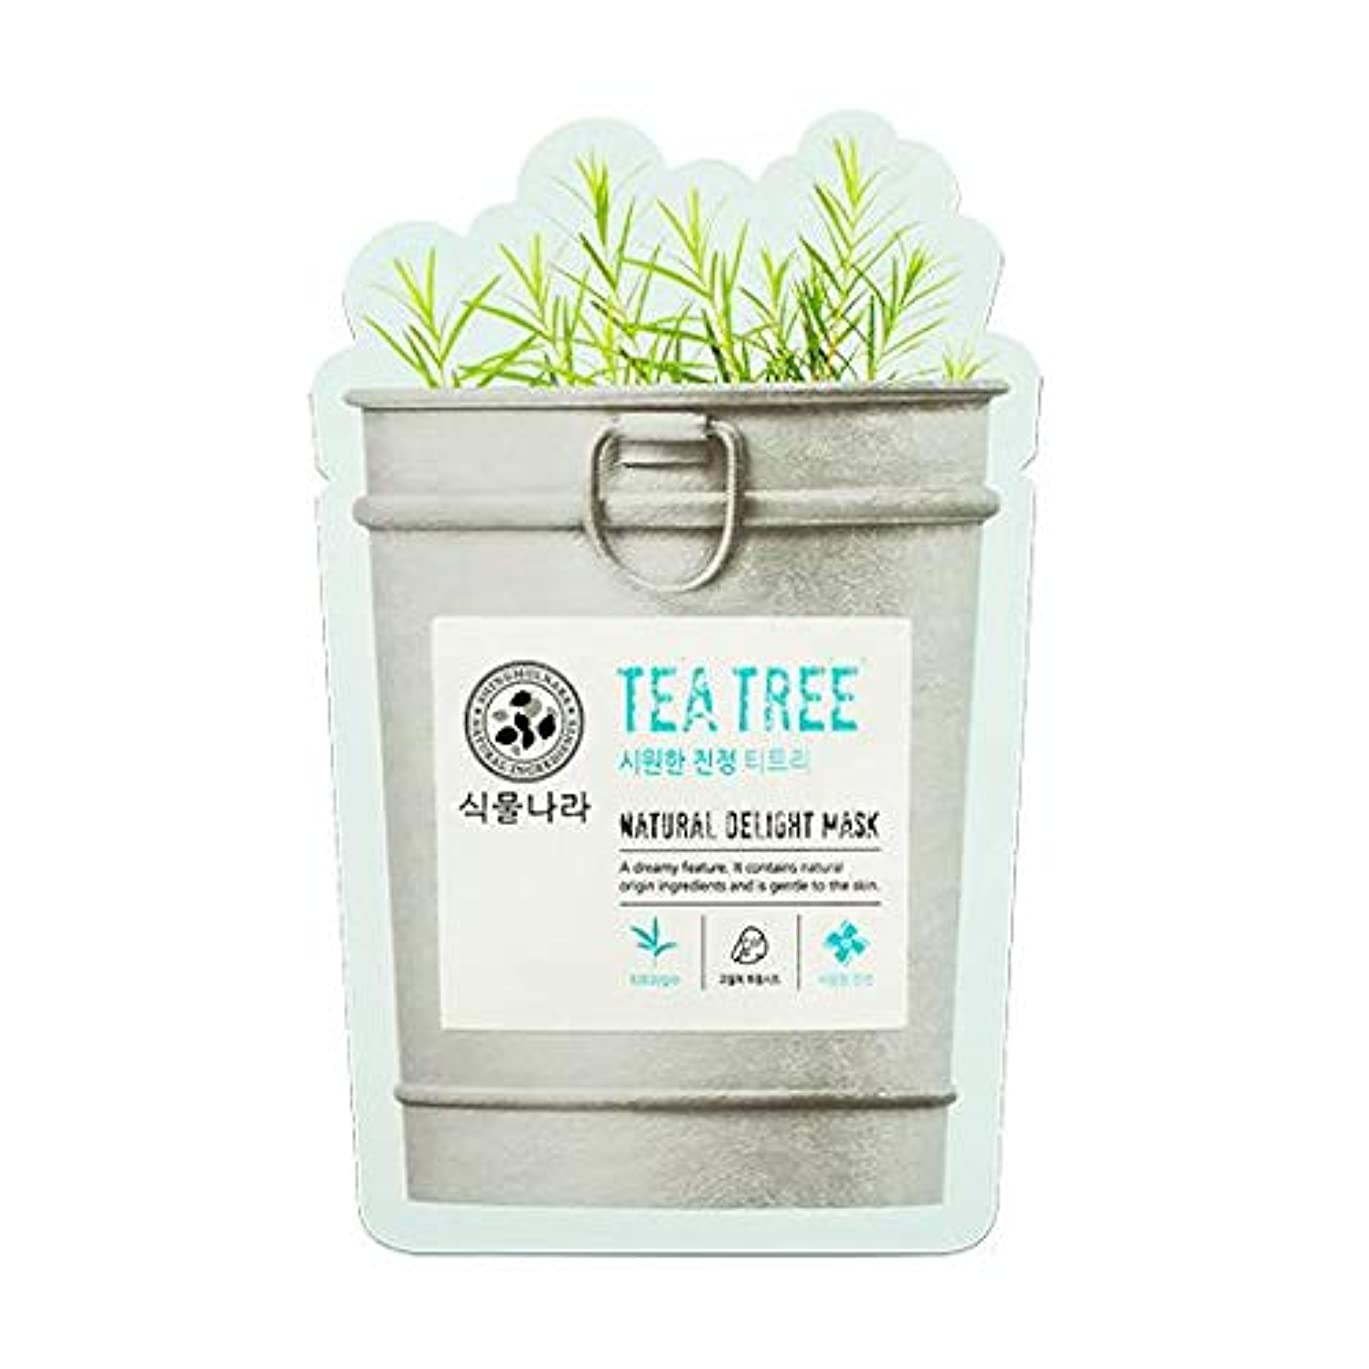 征服フィラデルフィア母SHINGMULNARA 植物ナラ ナチュラル デライト マスクパック ティートリ/アロエ/炭/蜜 韓国オリーブ霊遊明商品 (ティートリー (Tea Tree) 5pack)